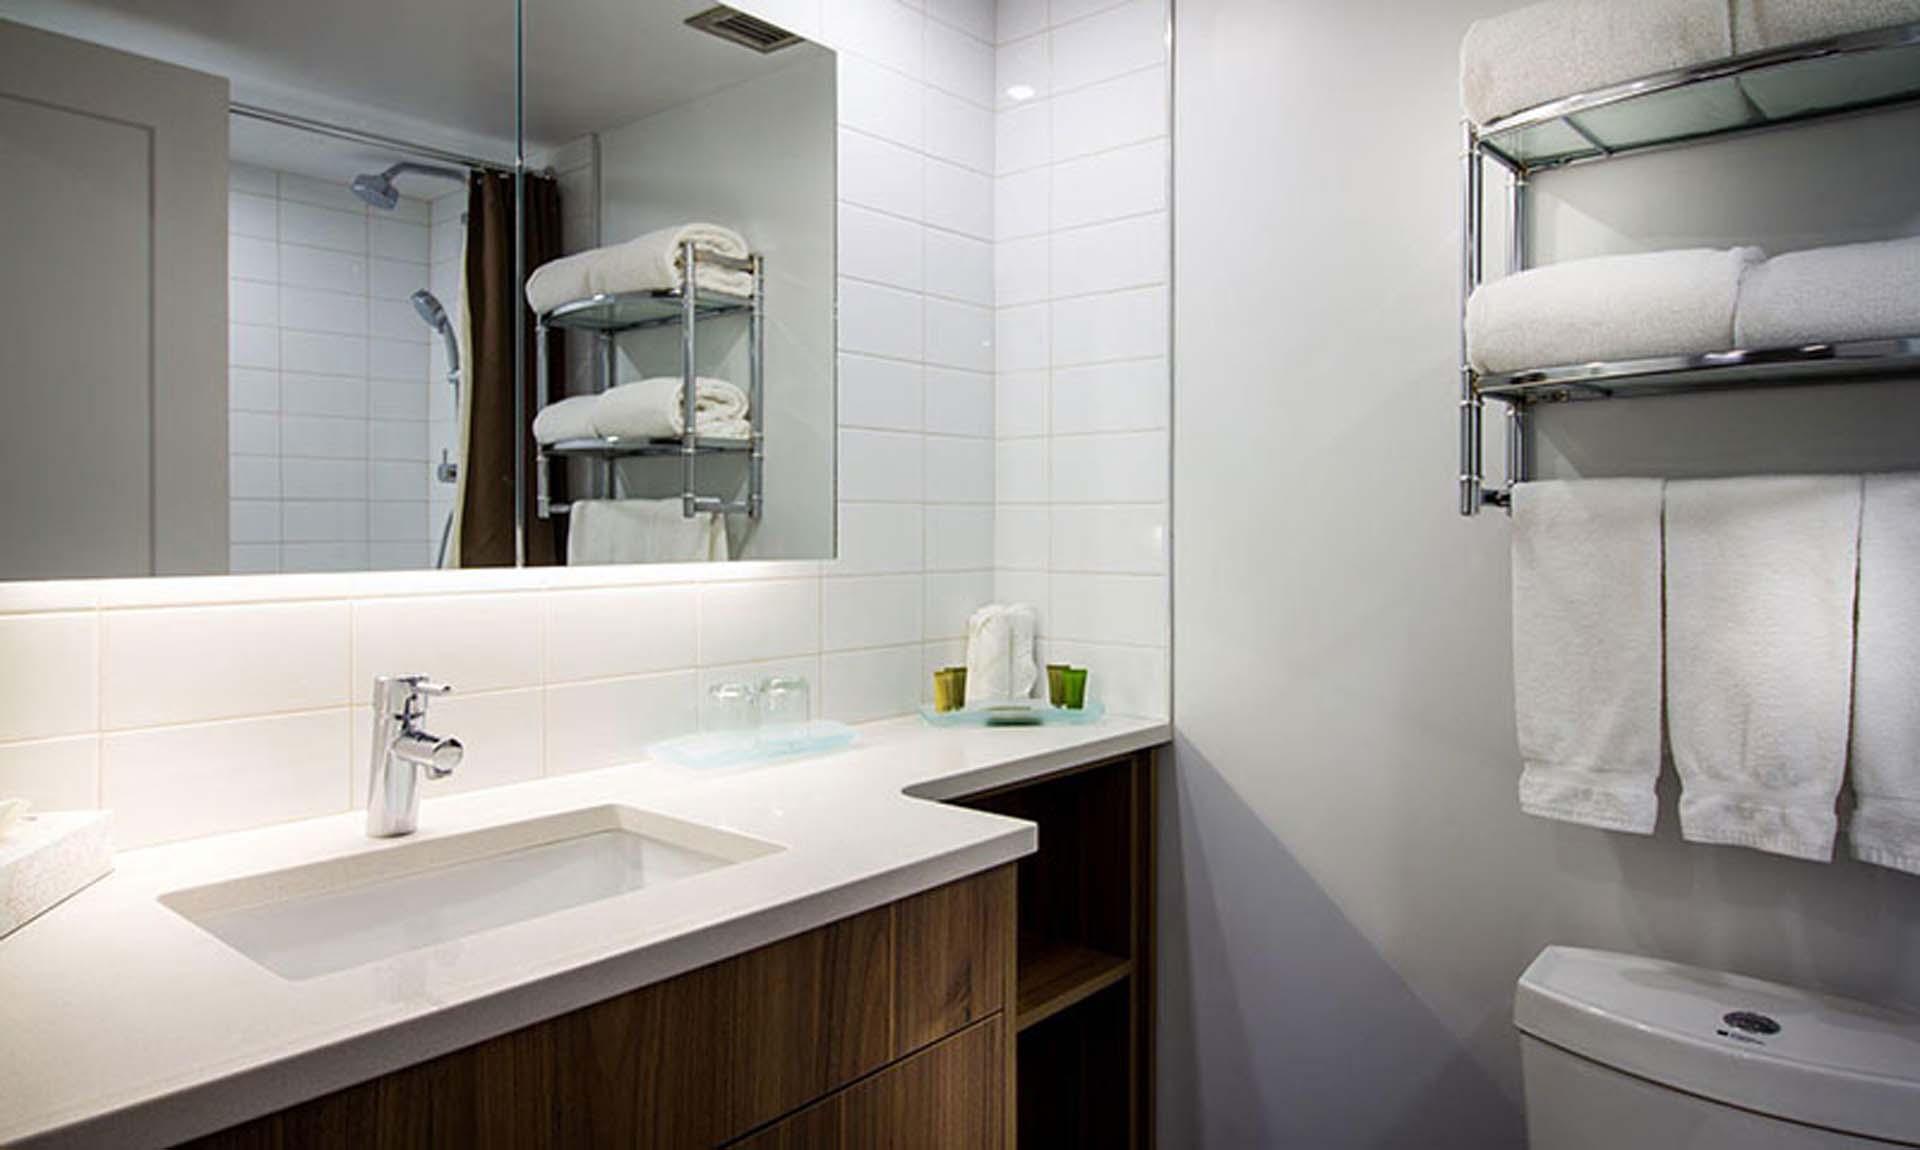 Commercial Quartz Bathroom